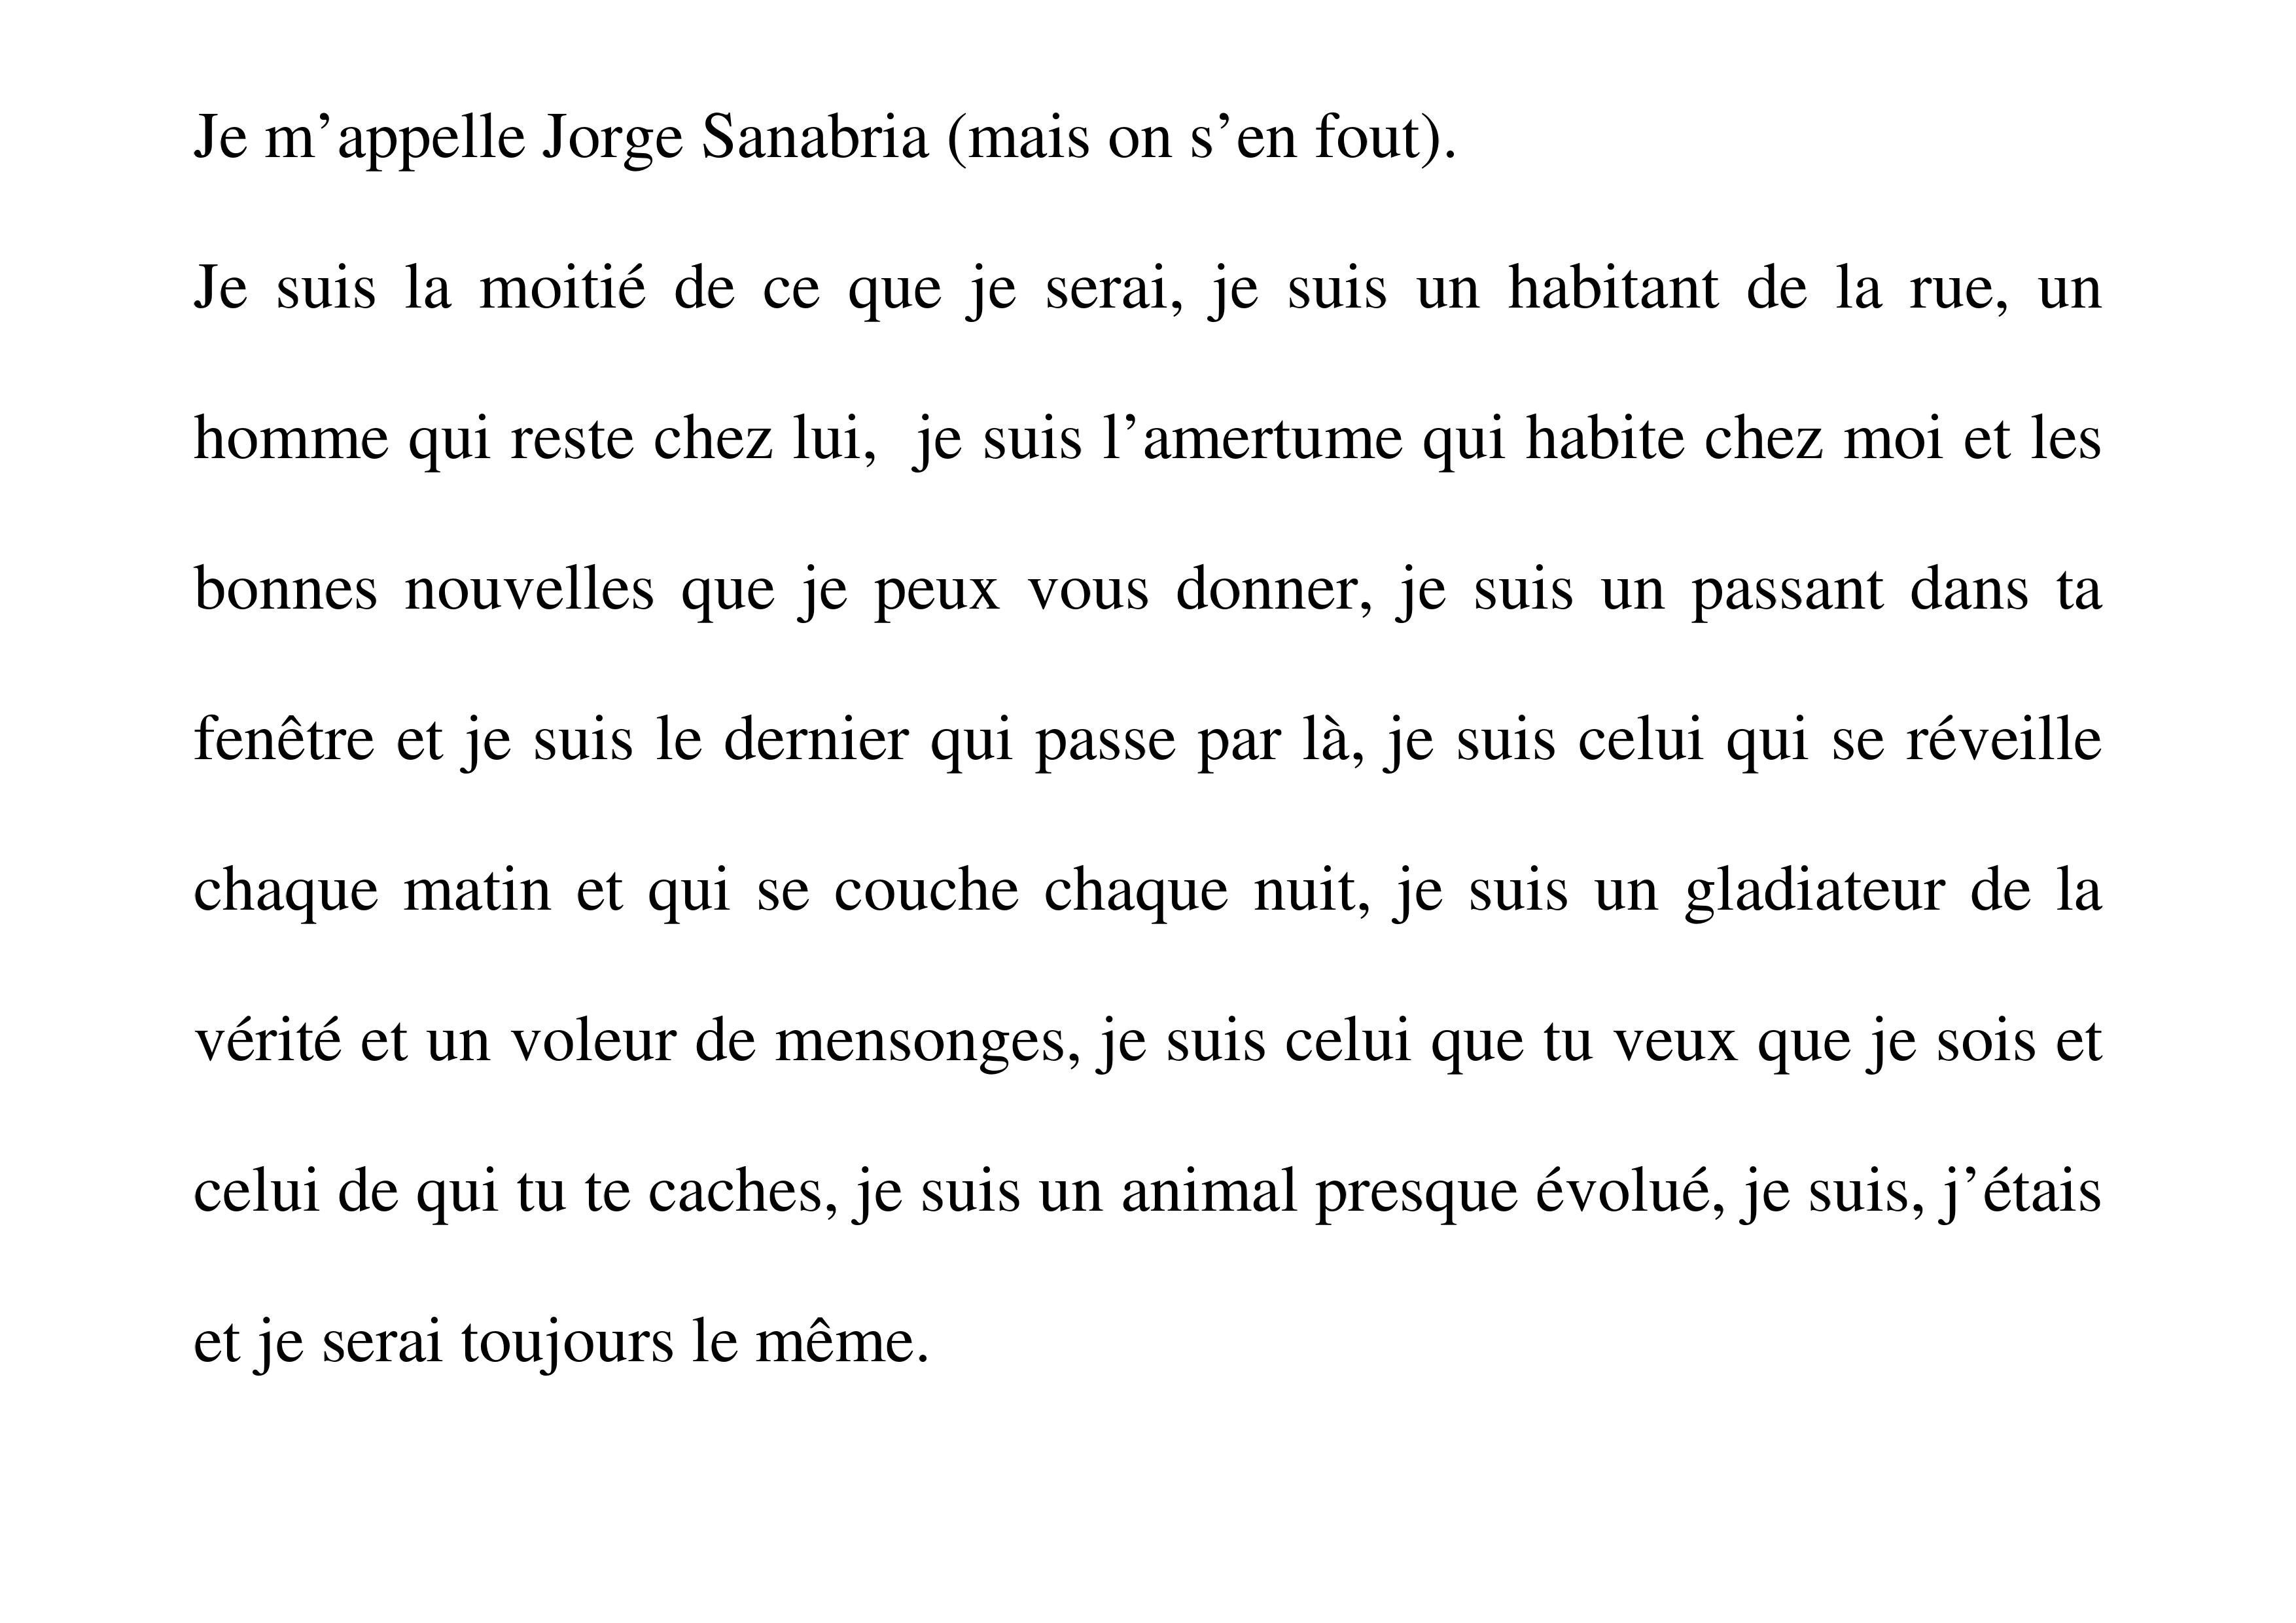 rencontre directe sans inscription Corbeil-Essonnes